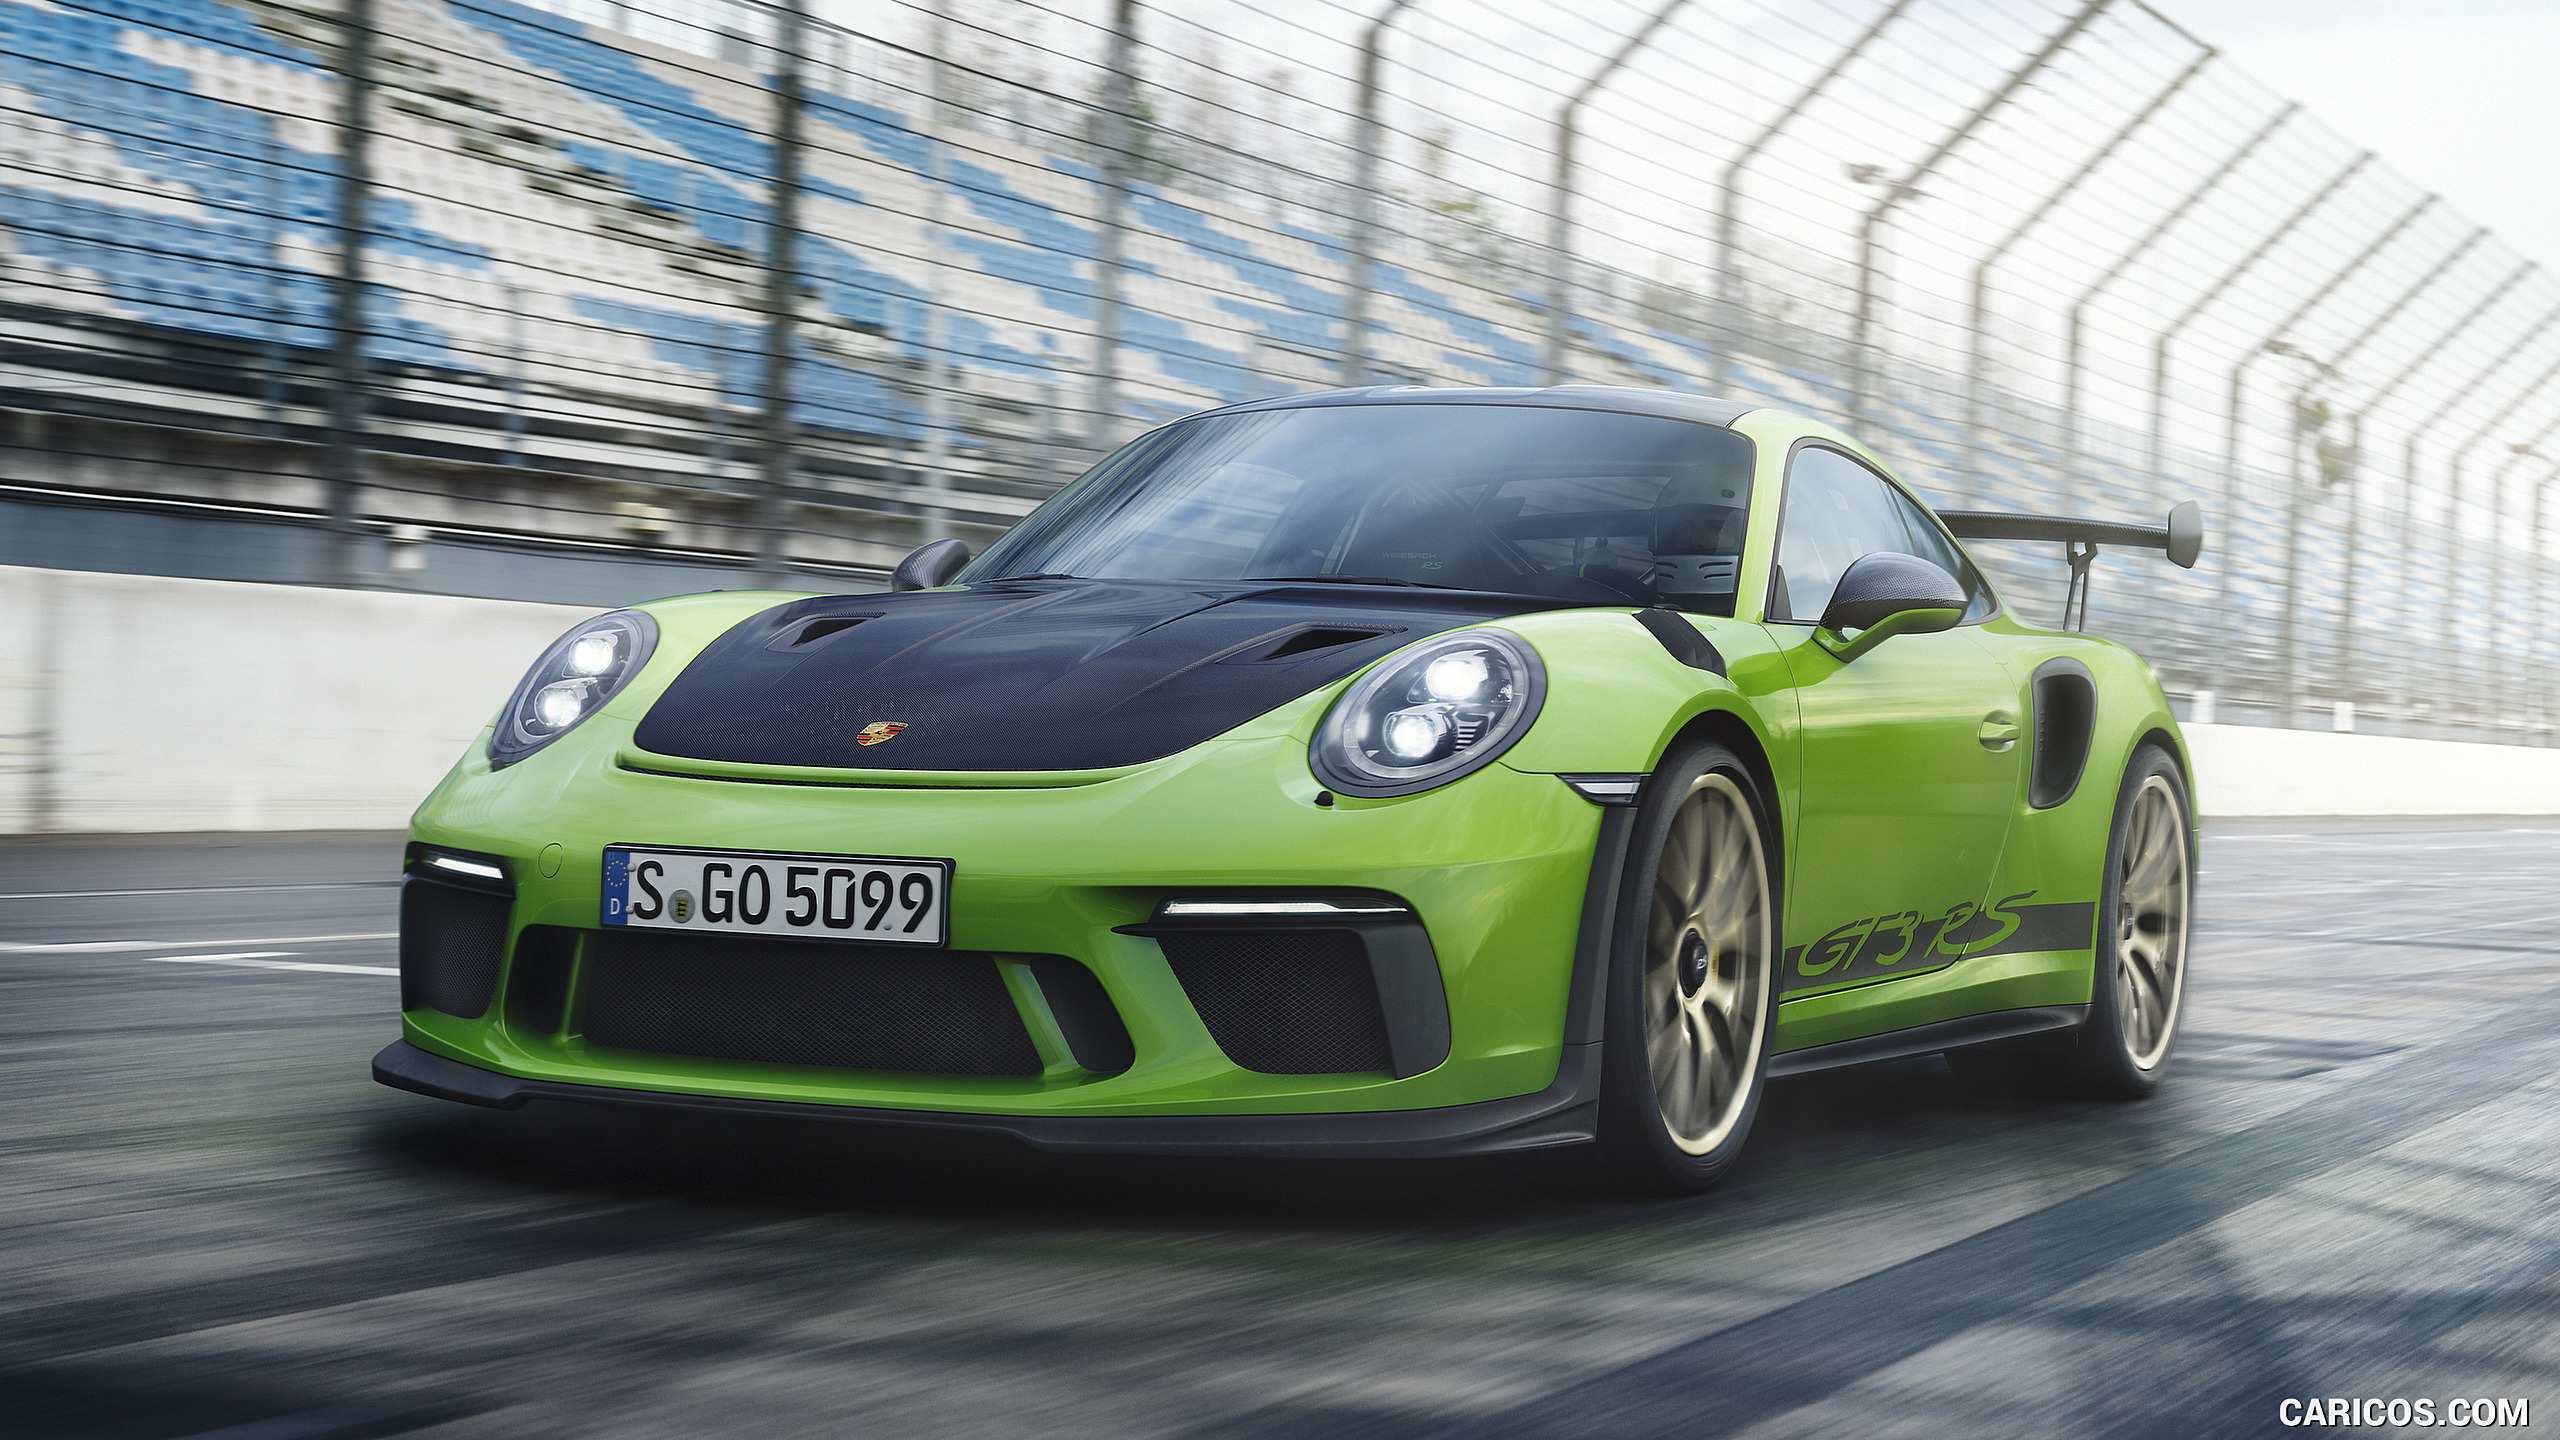 73 Great 2019 Porsche 911 Gt3 Rs Release by 2019 Porsche 911 Gt3 Rs